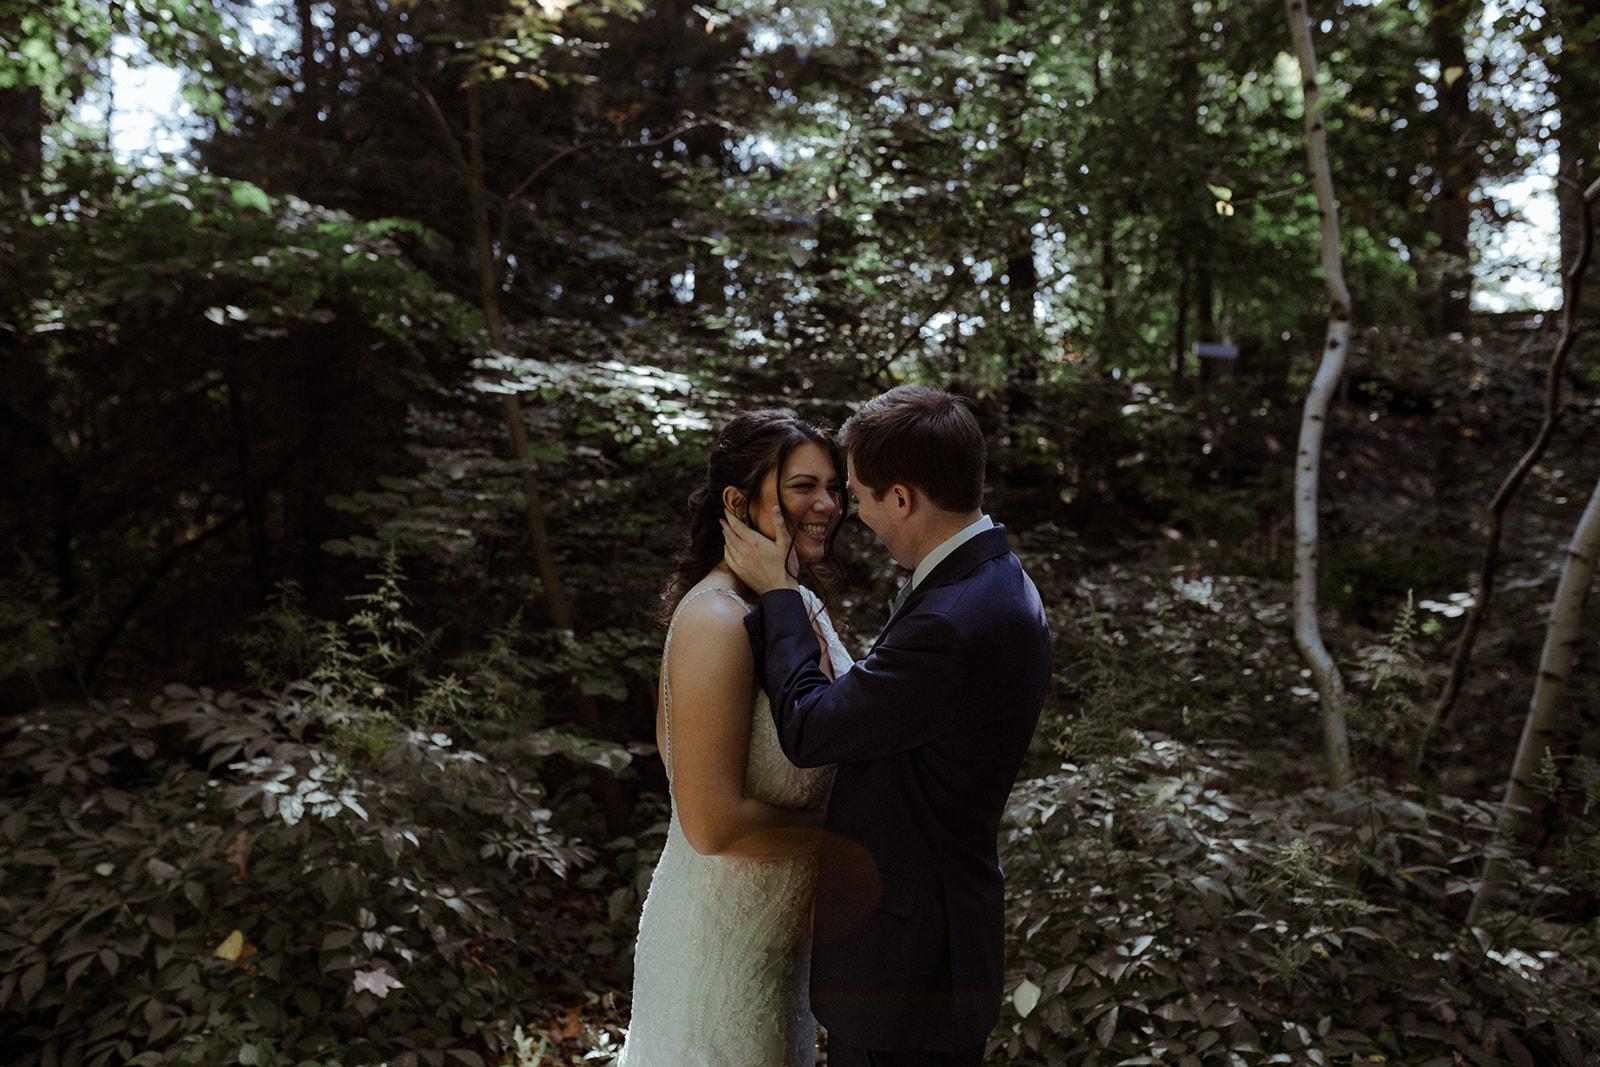 cleveland botanical garden wedding - chris + katie 91